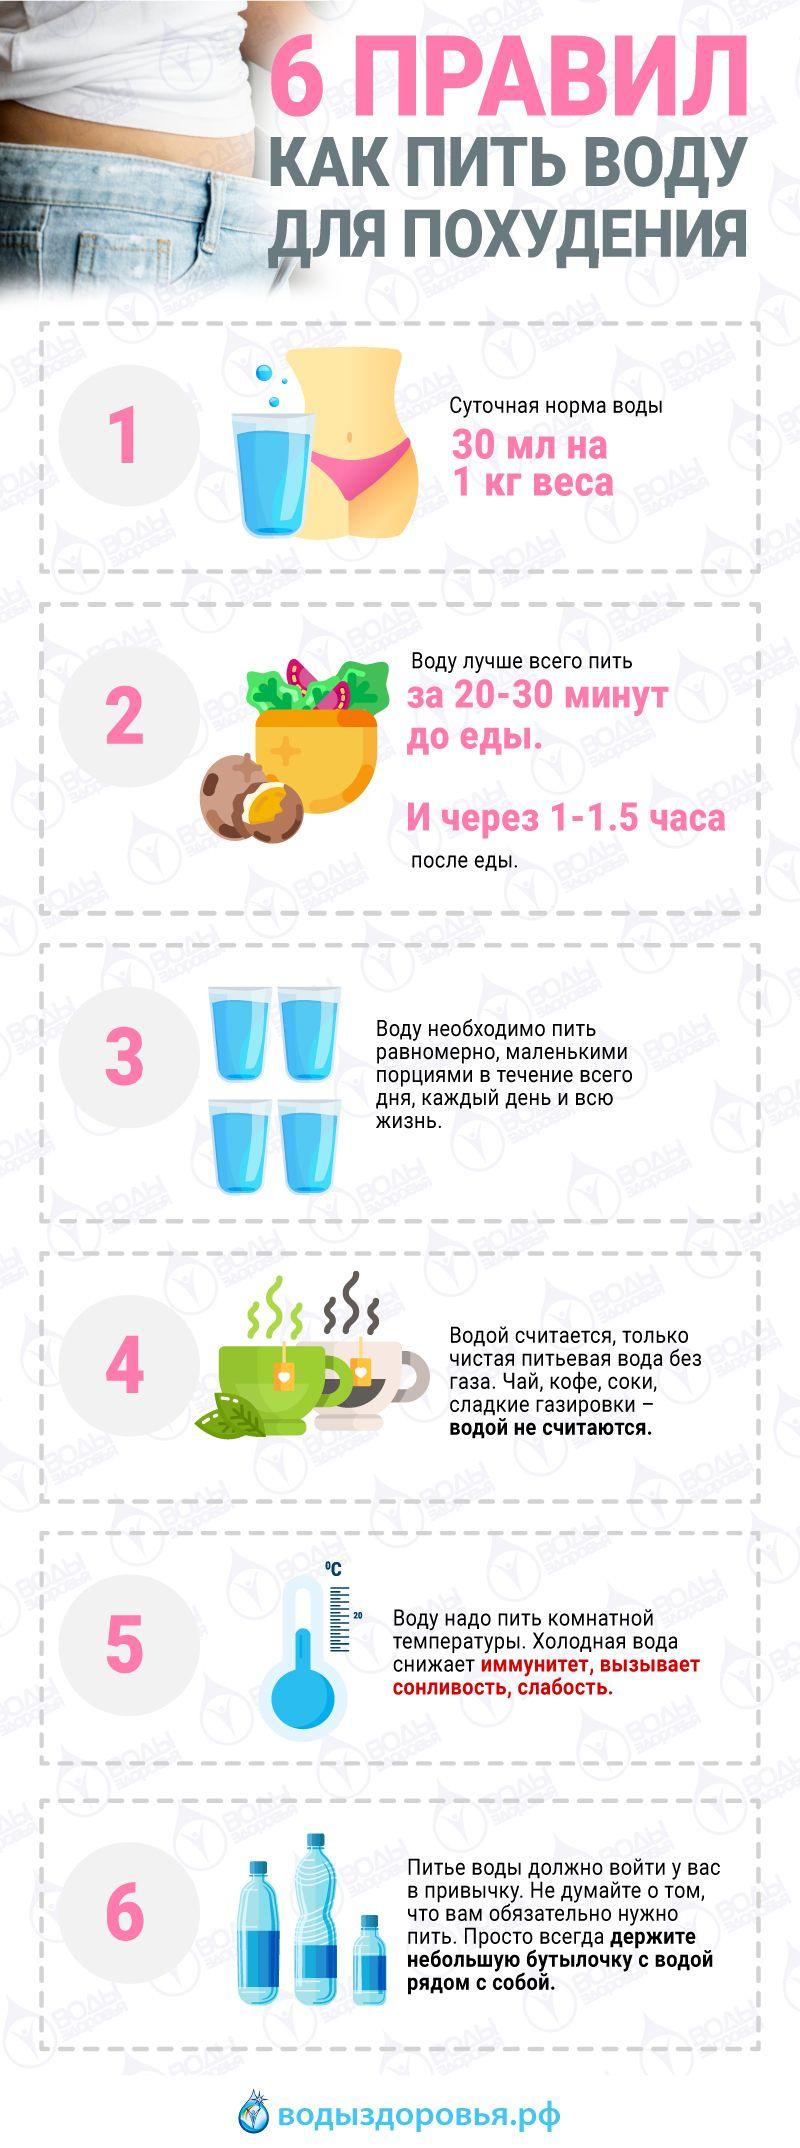 Схема приема воды для похудения